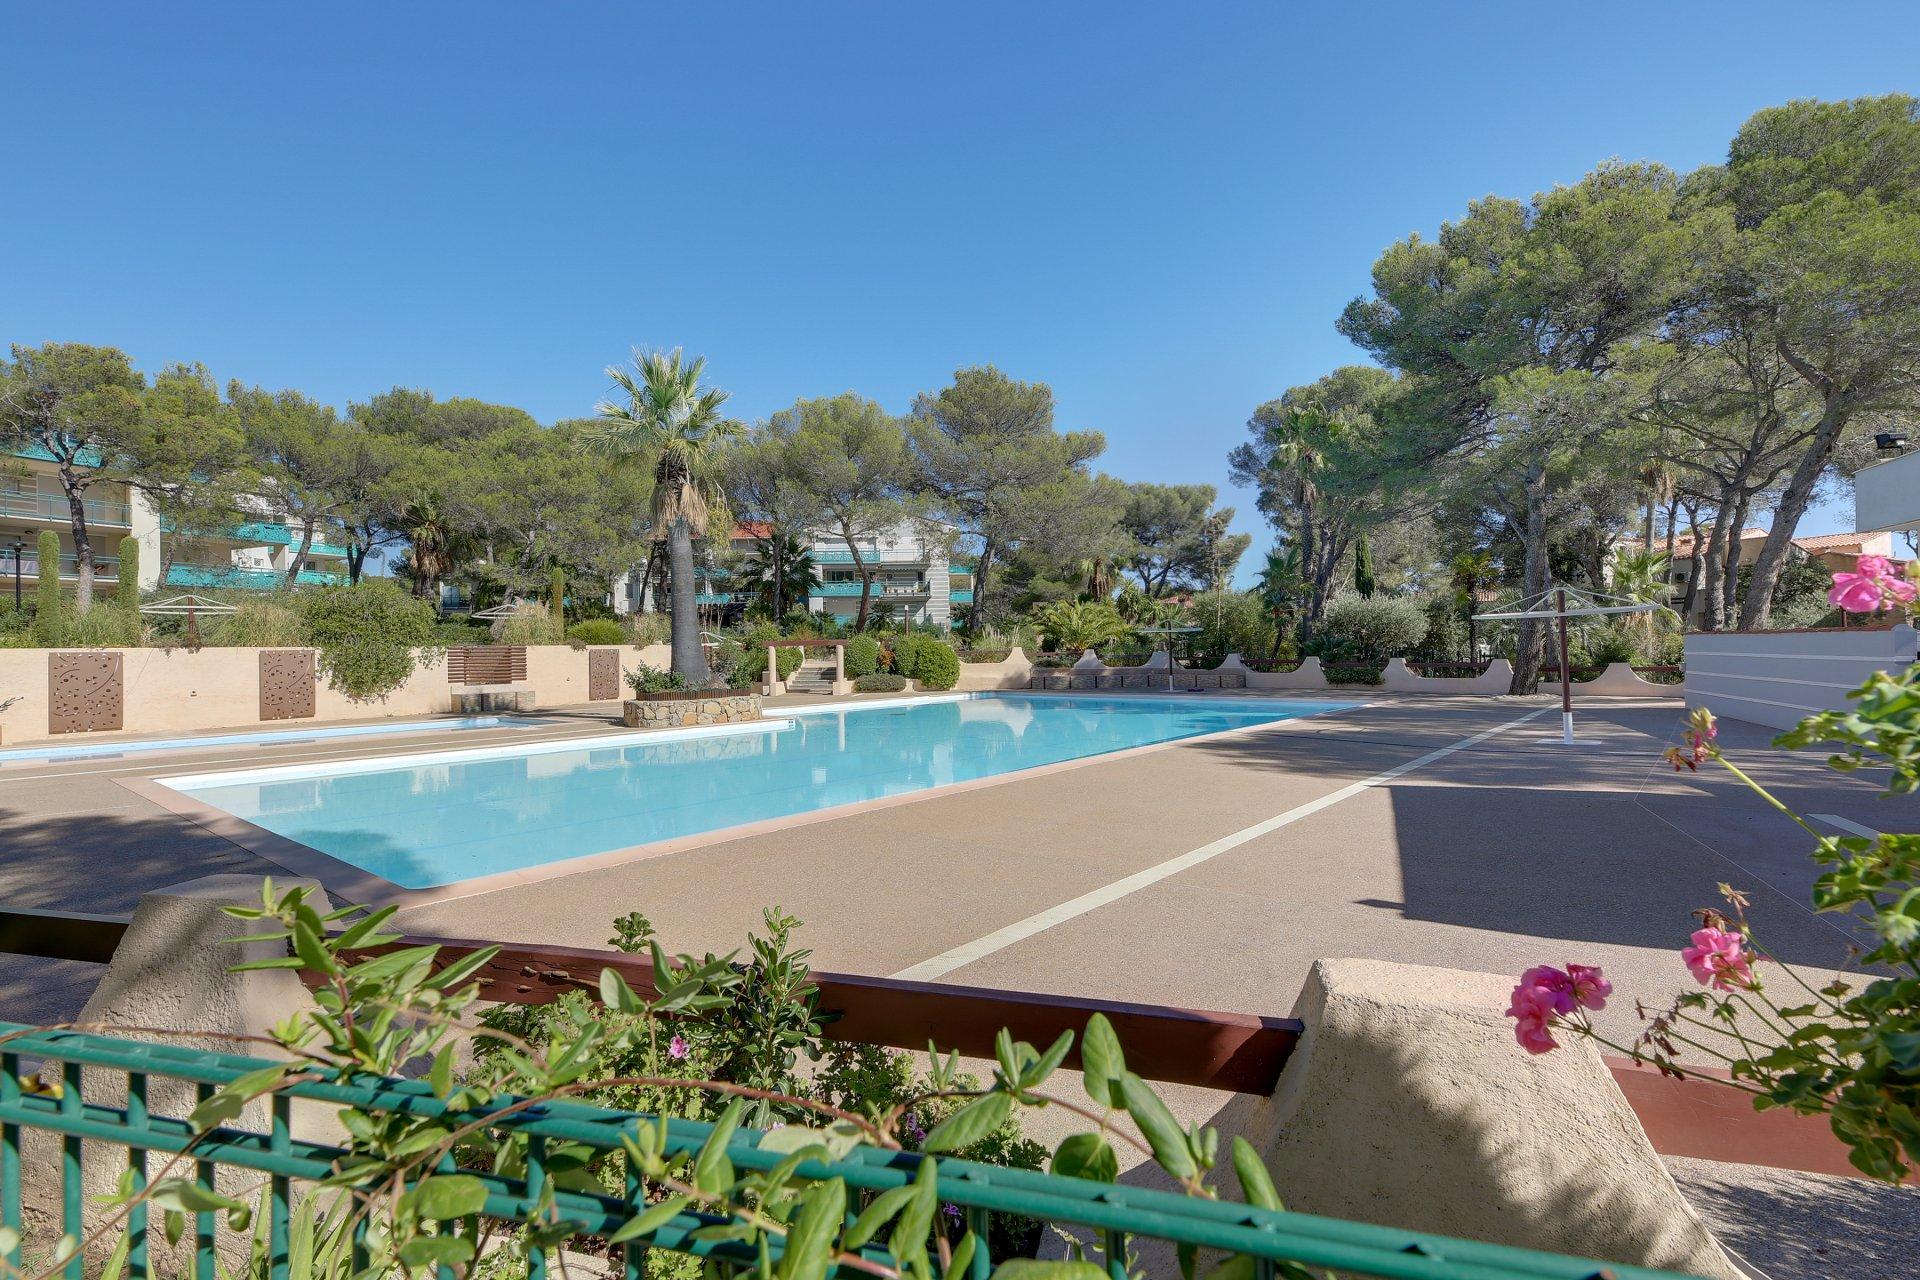 St. RAPHAEL  - Attraktiv 3 roms m/stor terrasse i residens med pool i gangavst. til strand og butikker. Garasje og heis.